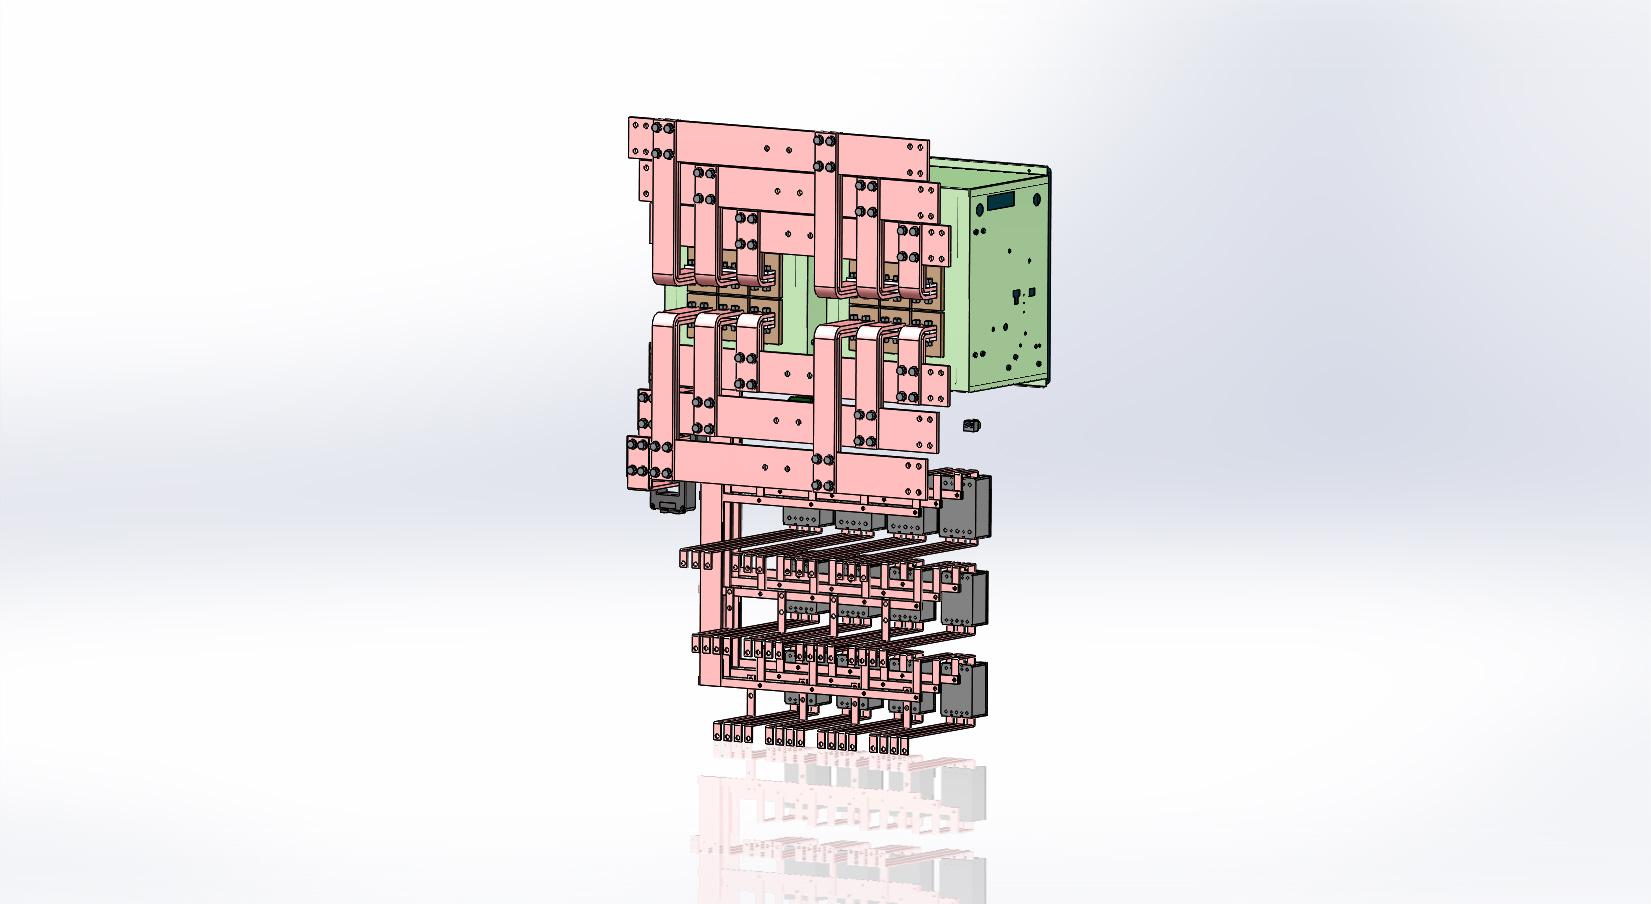 1250A输出智能模块化电气配电结构